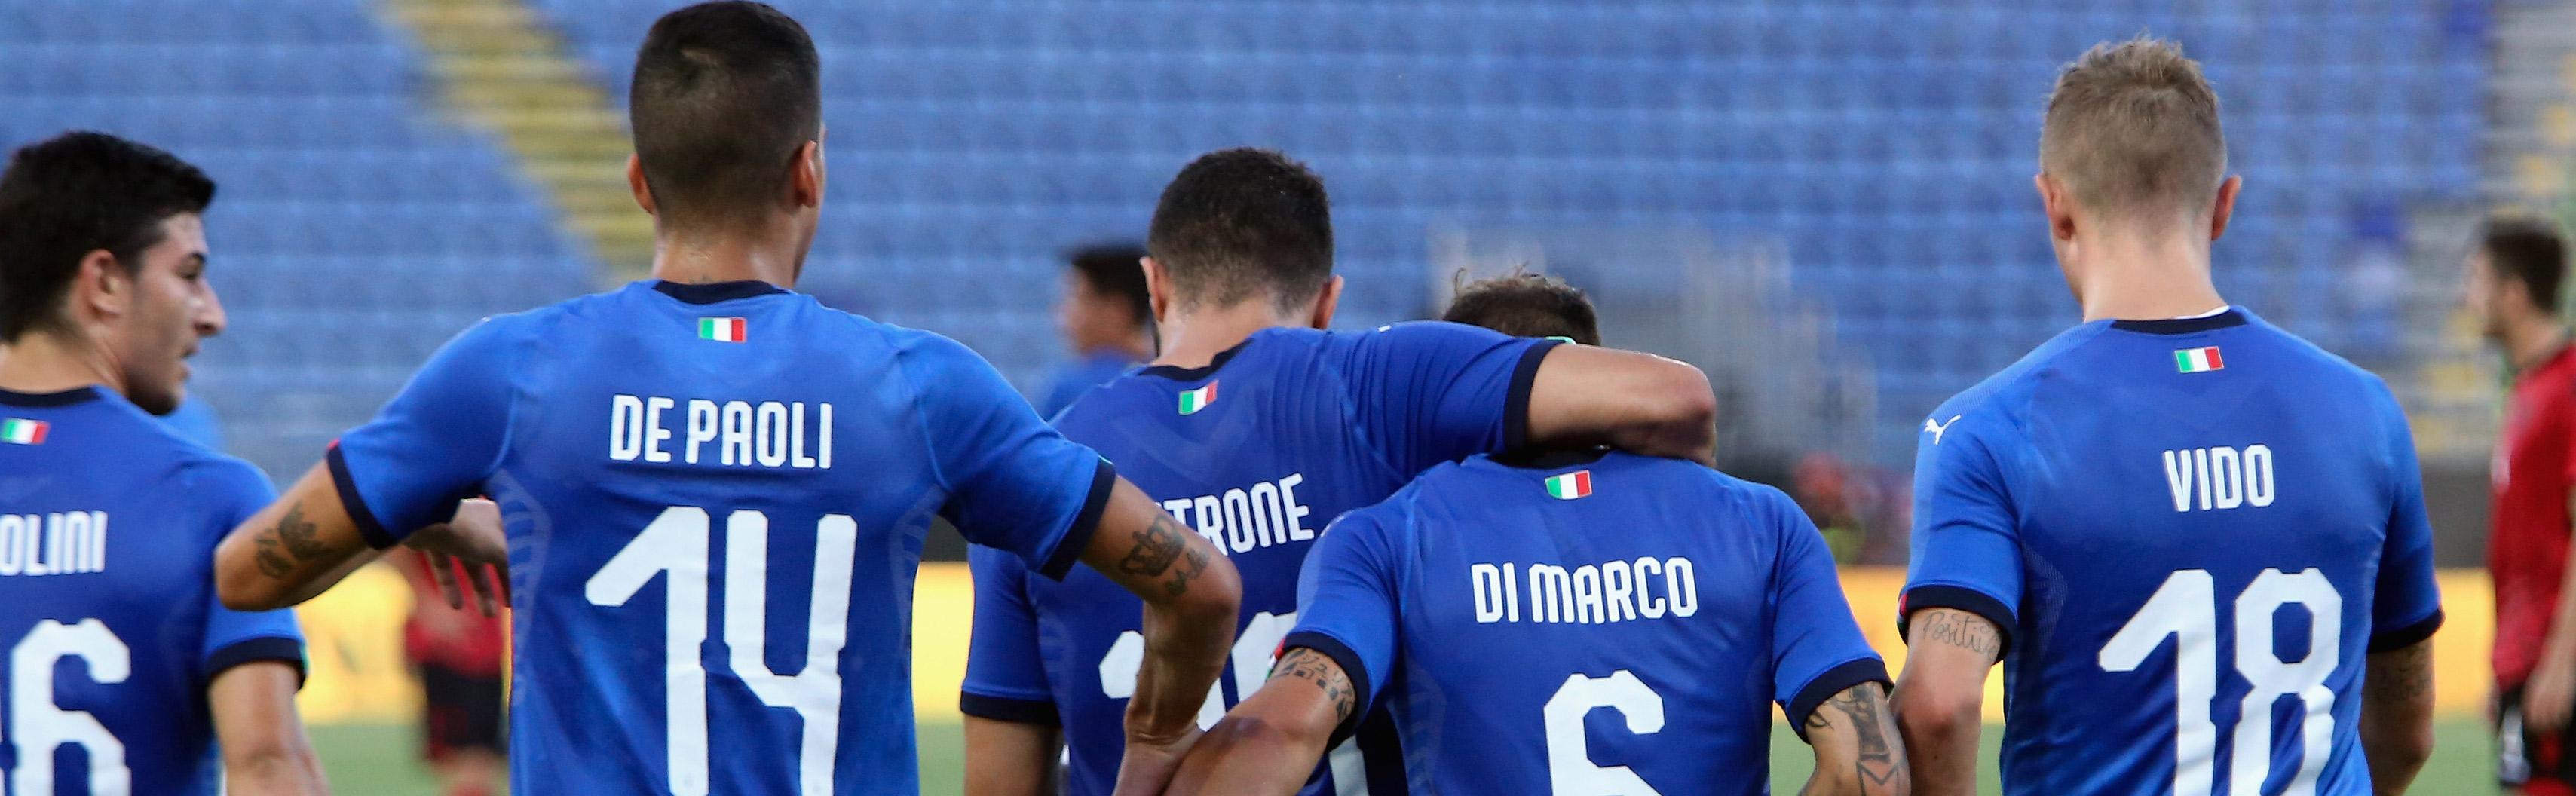 Calendario Nazionale Italiana Calcio.Figc